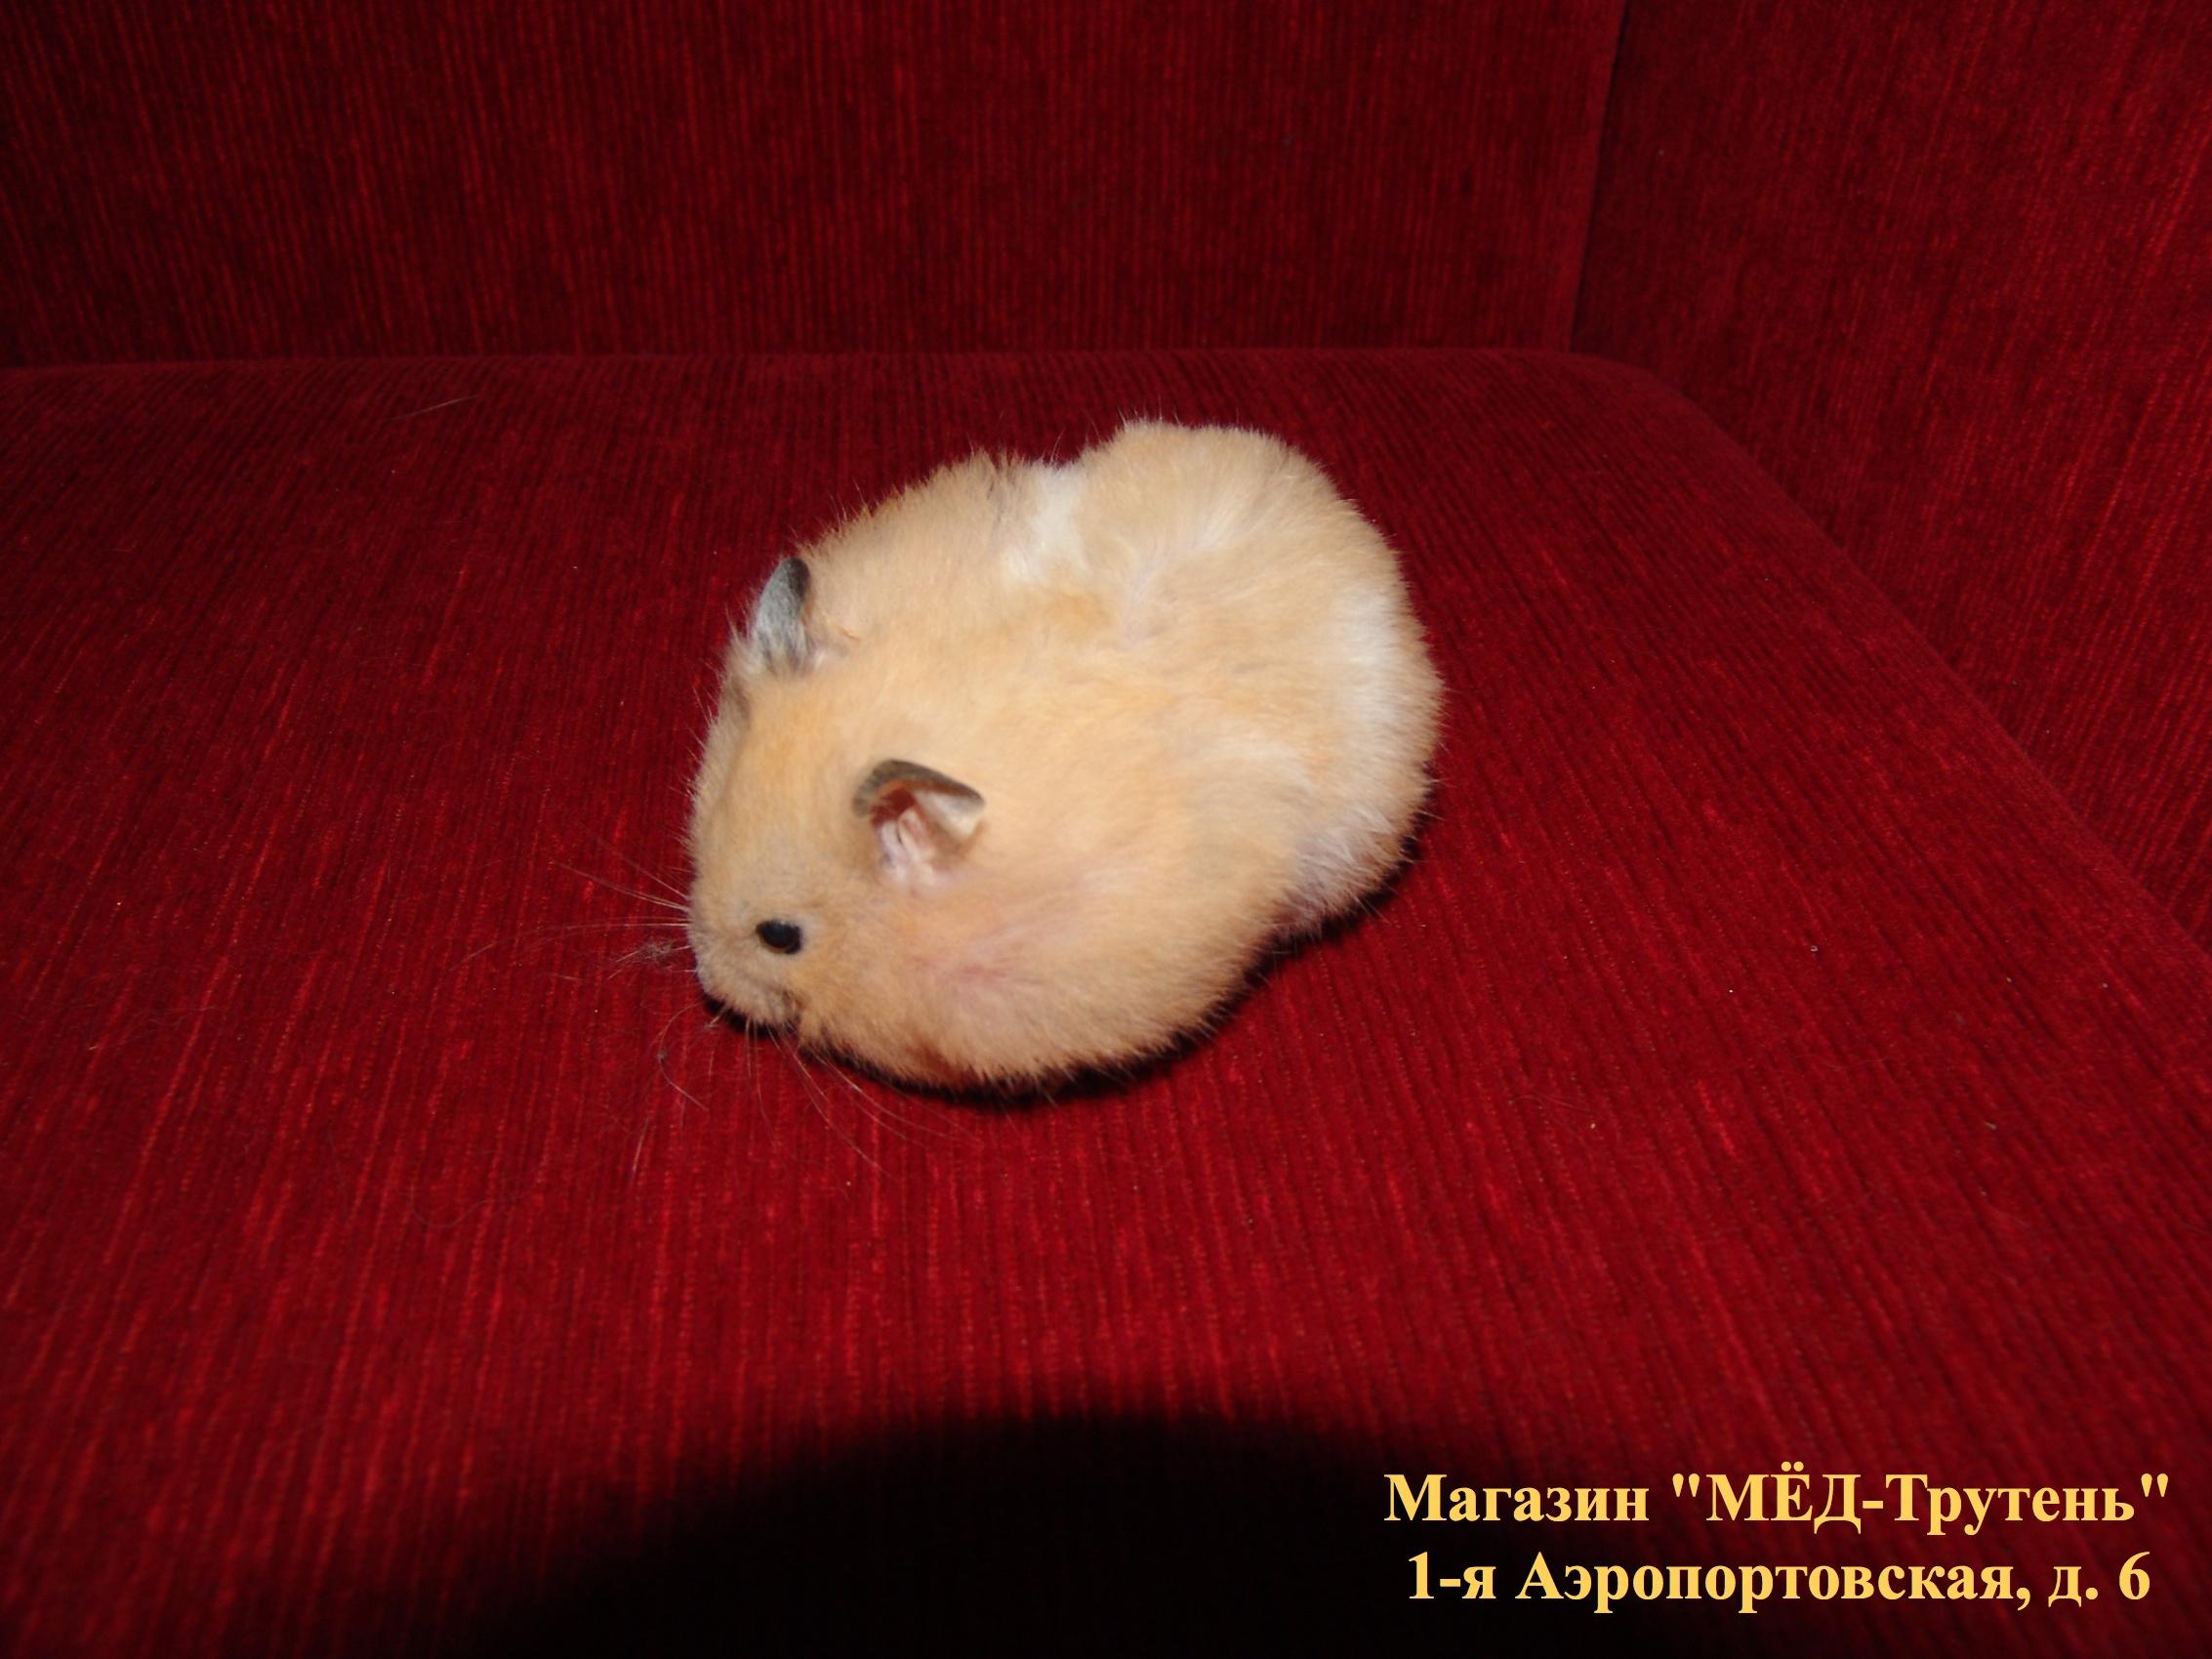 Злой хомяк на красном диване.jpg